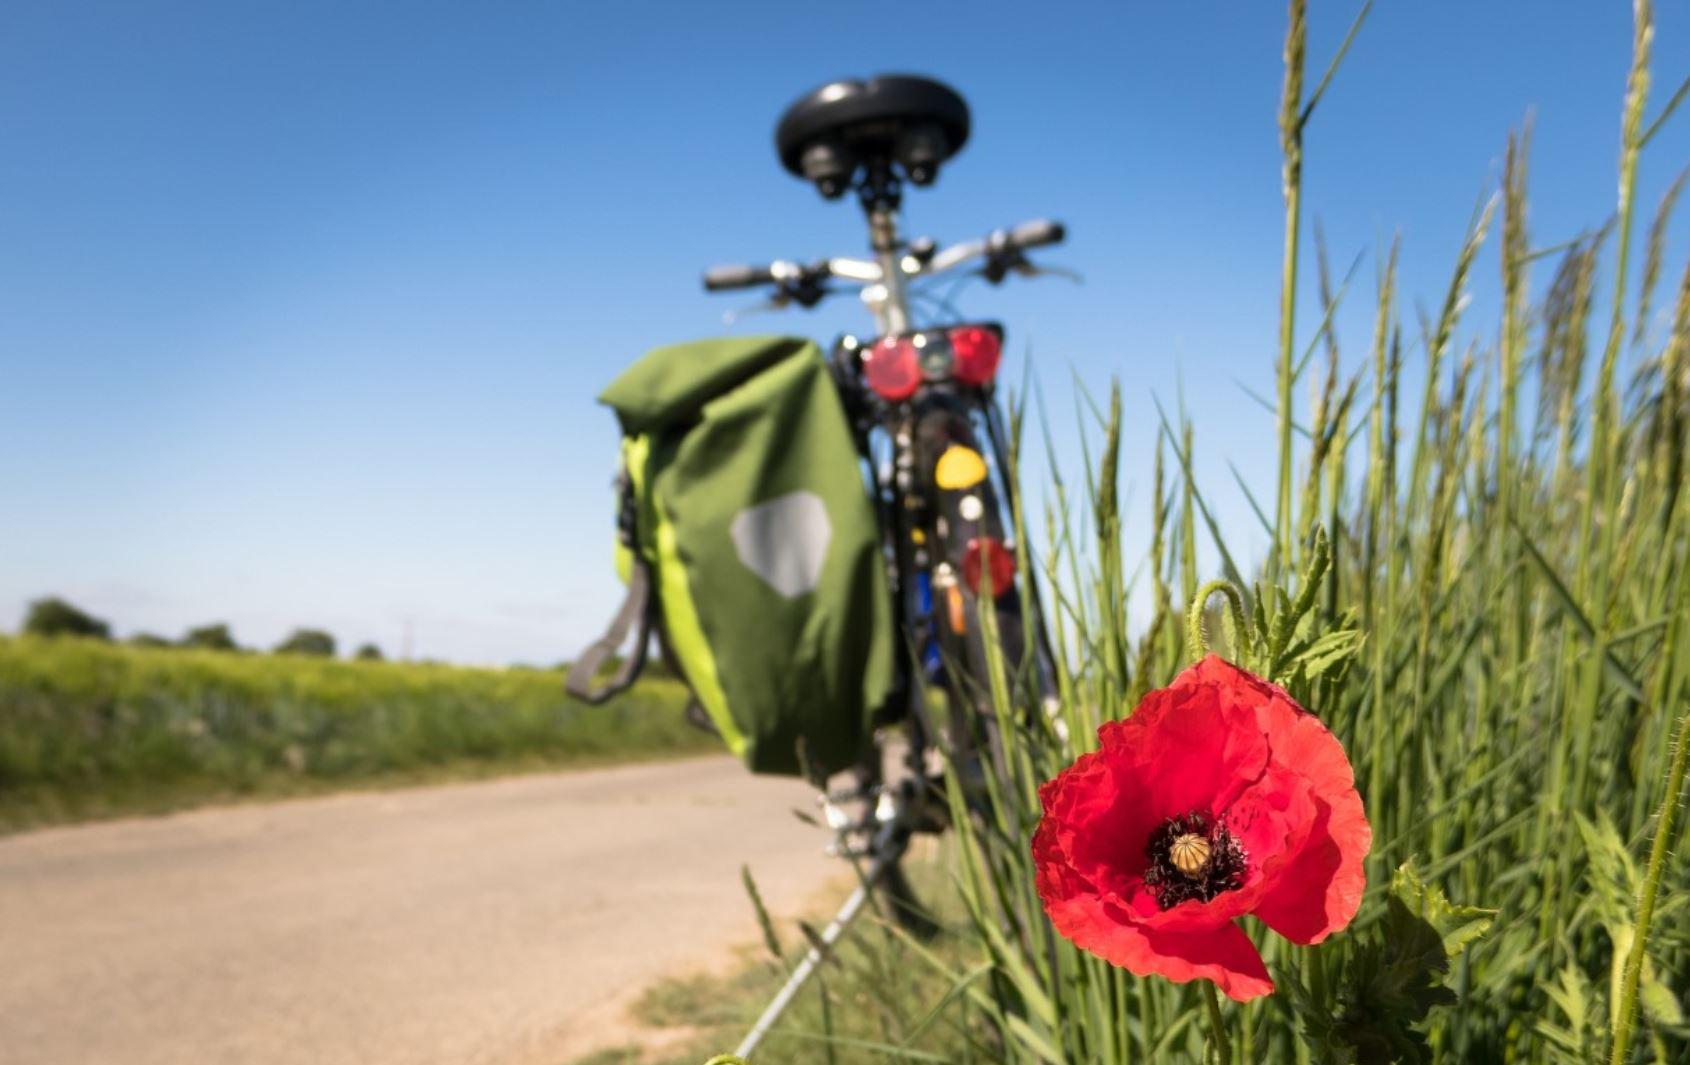 acquisto baratto biciclette